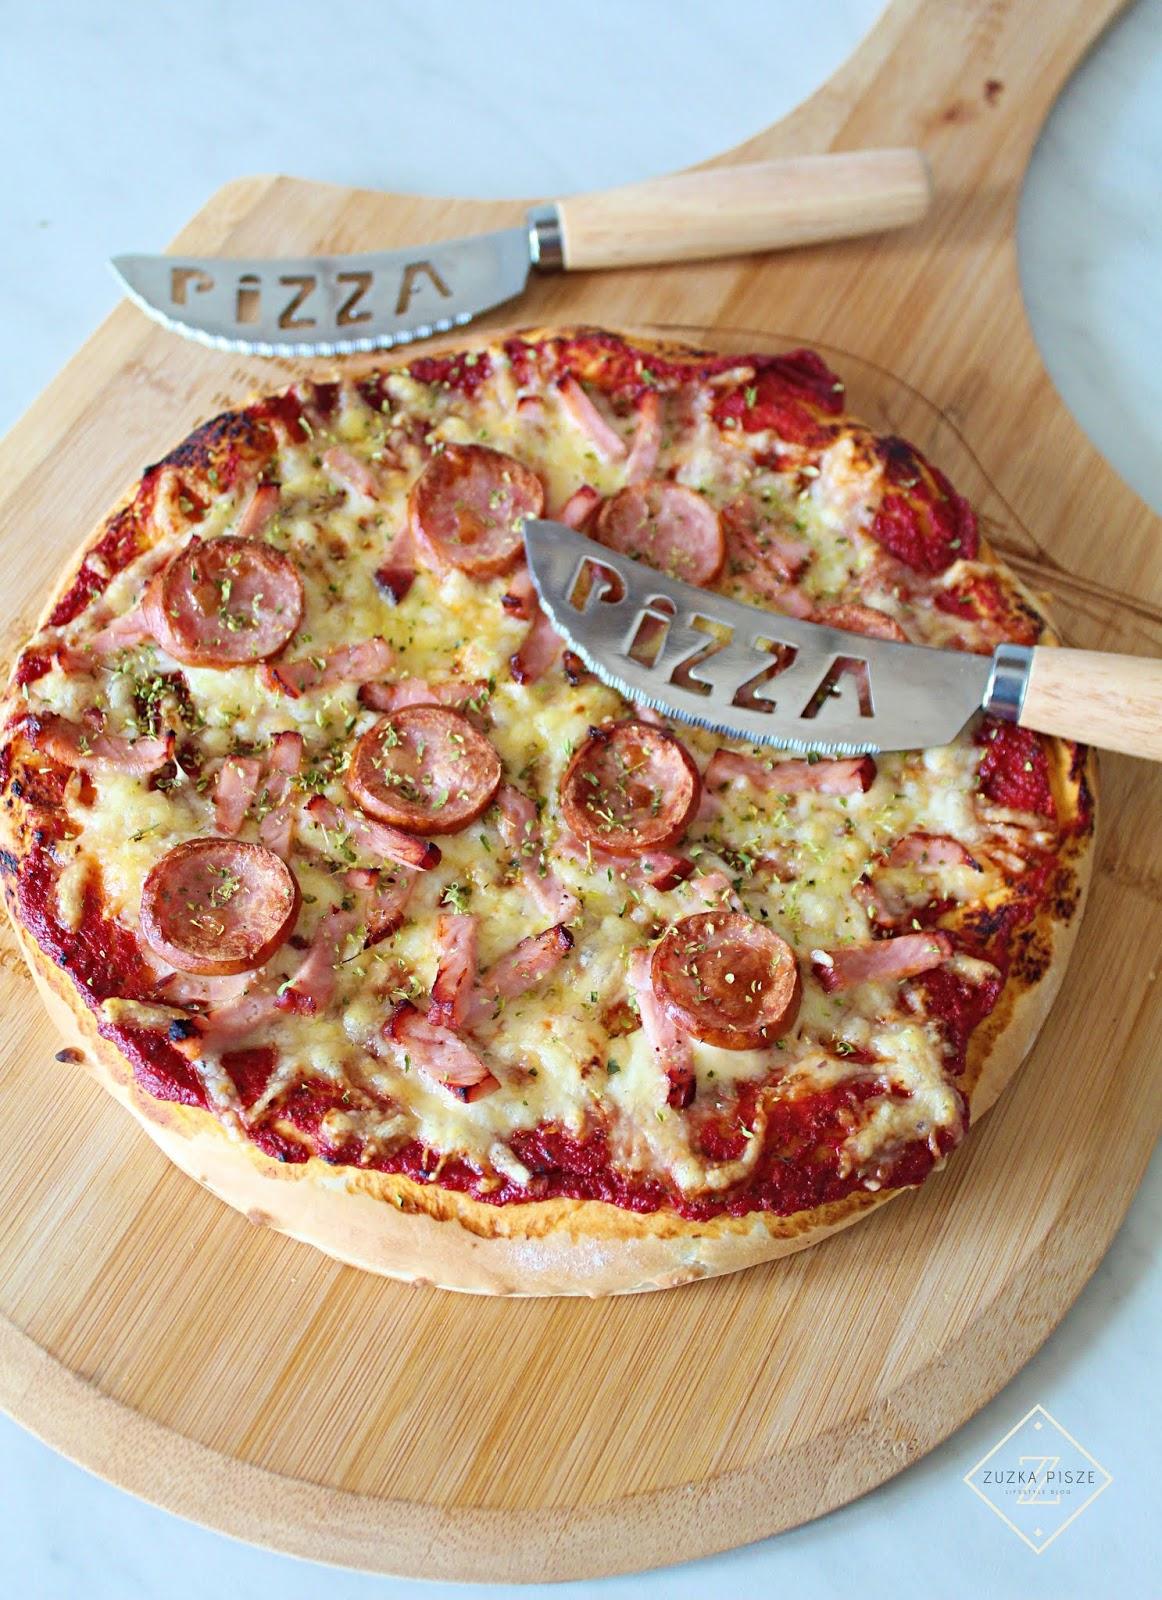 Domowa pizza jak z pizzerii - przepis